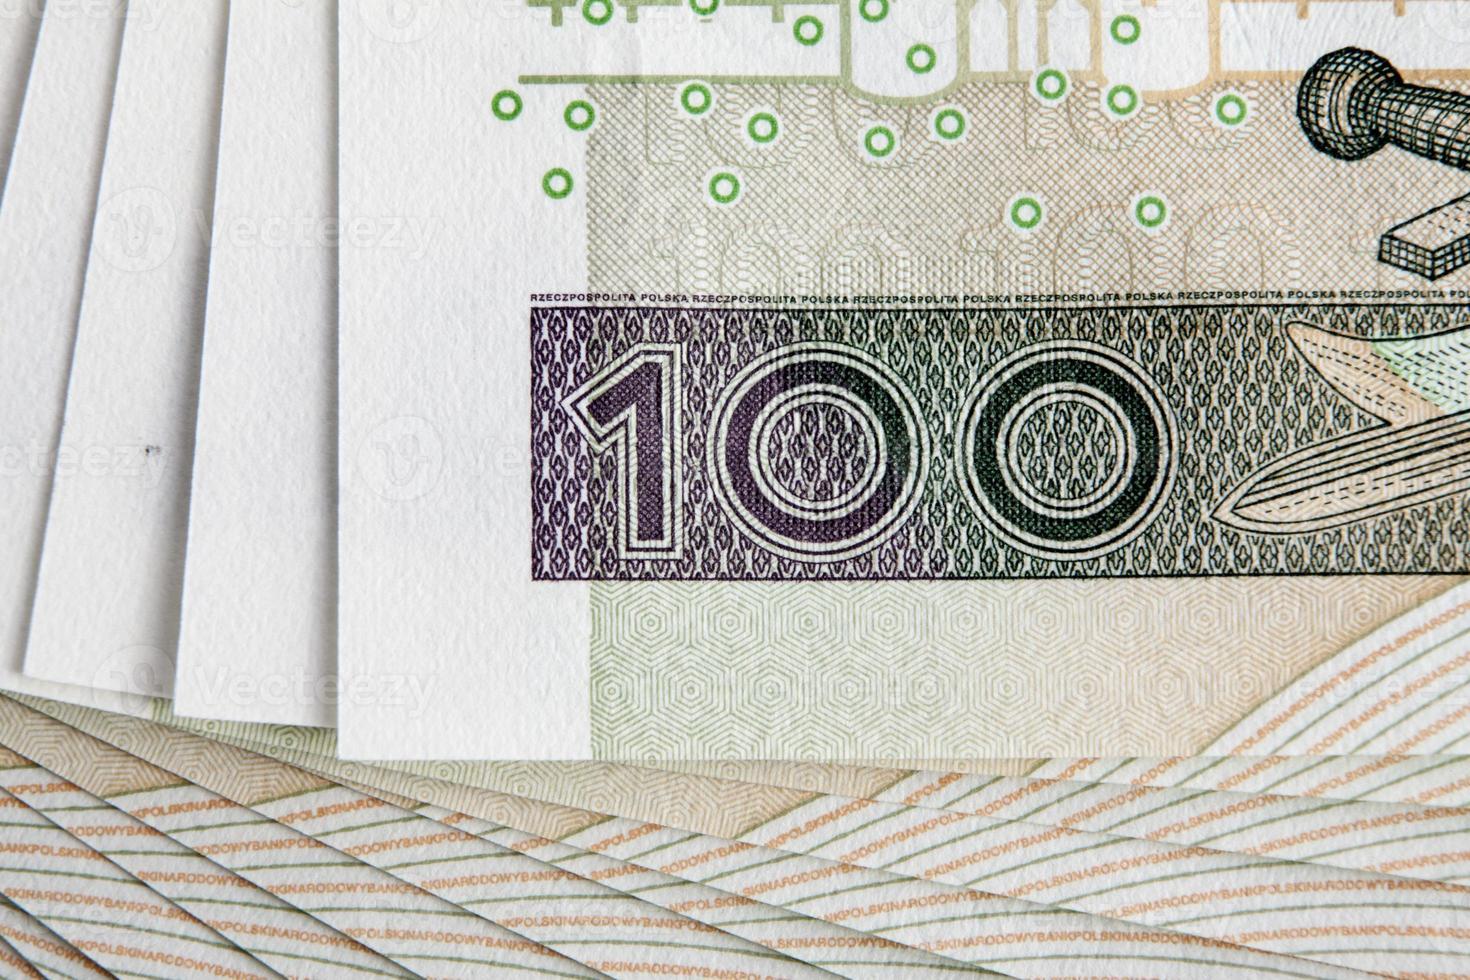 smalto 100 pln nota foto